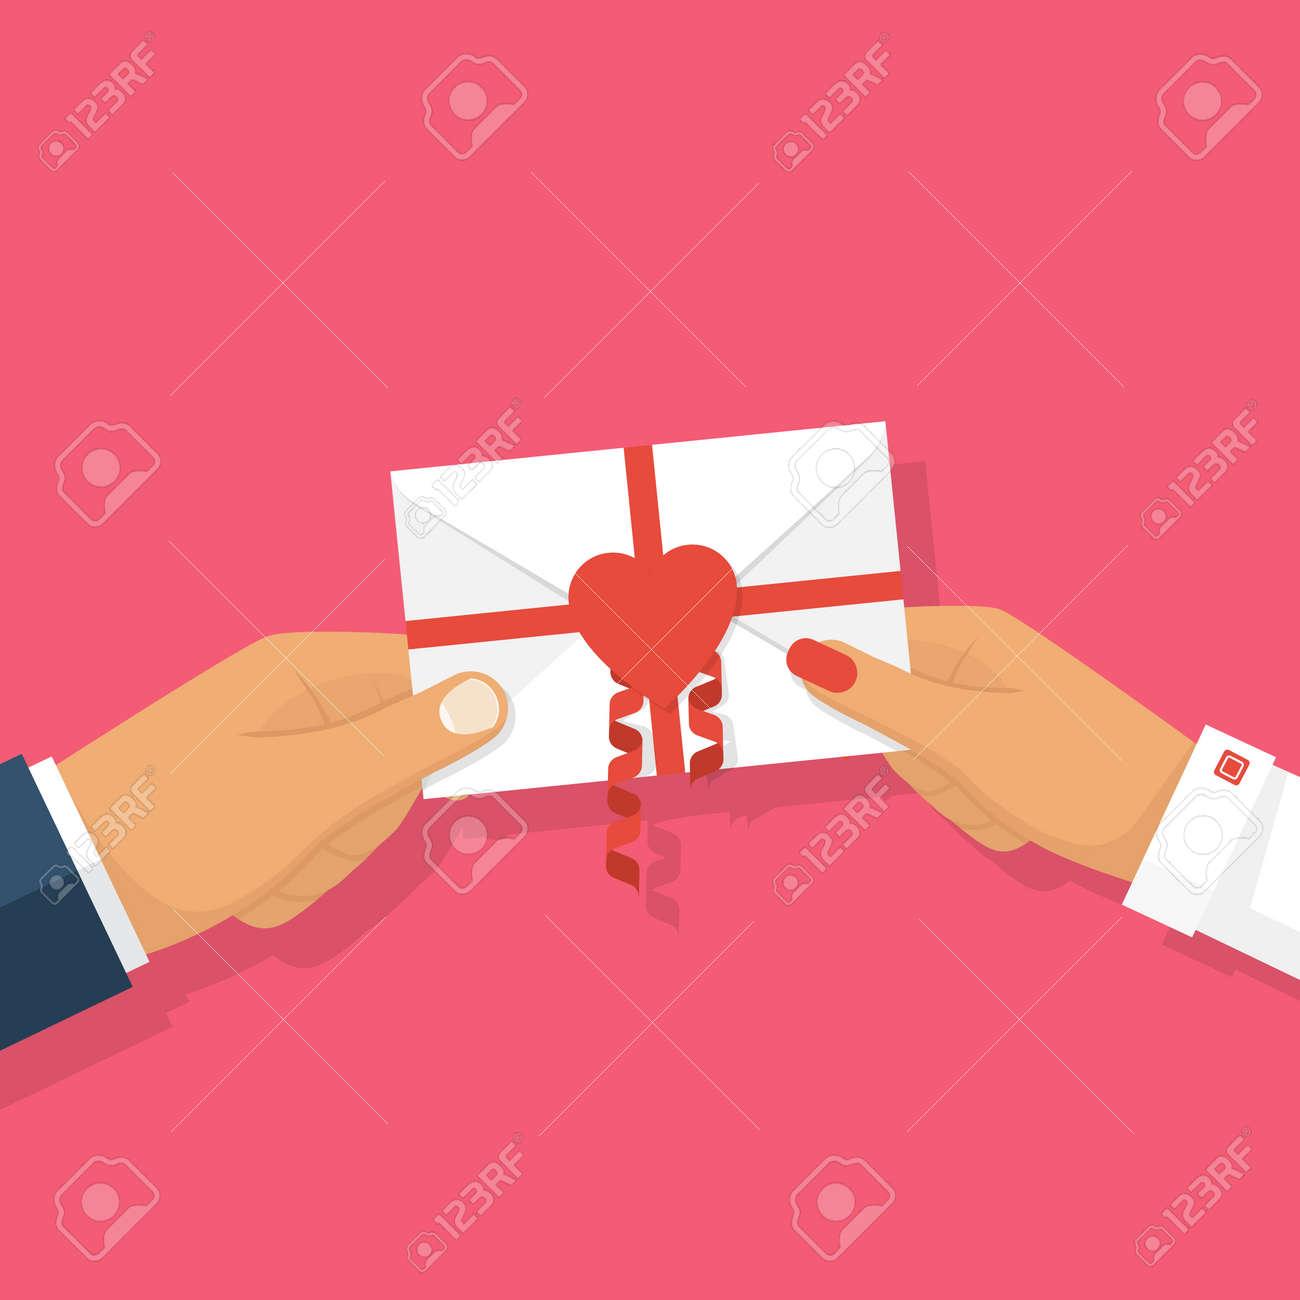 Decorazioni Lettere D Amore l'uomo dà lettera d'amore nelle mani della donna. lettera decorato con  nastri e cuore rosso, simbolo di amore. il riconoscimento del modello di  amore,